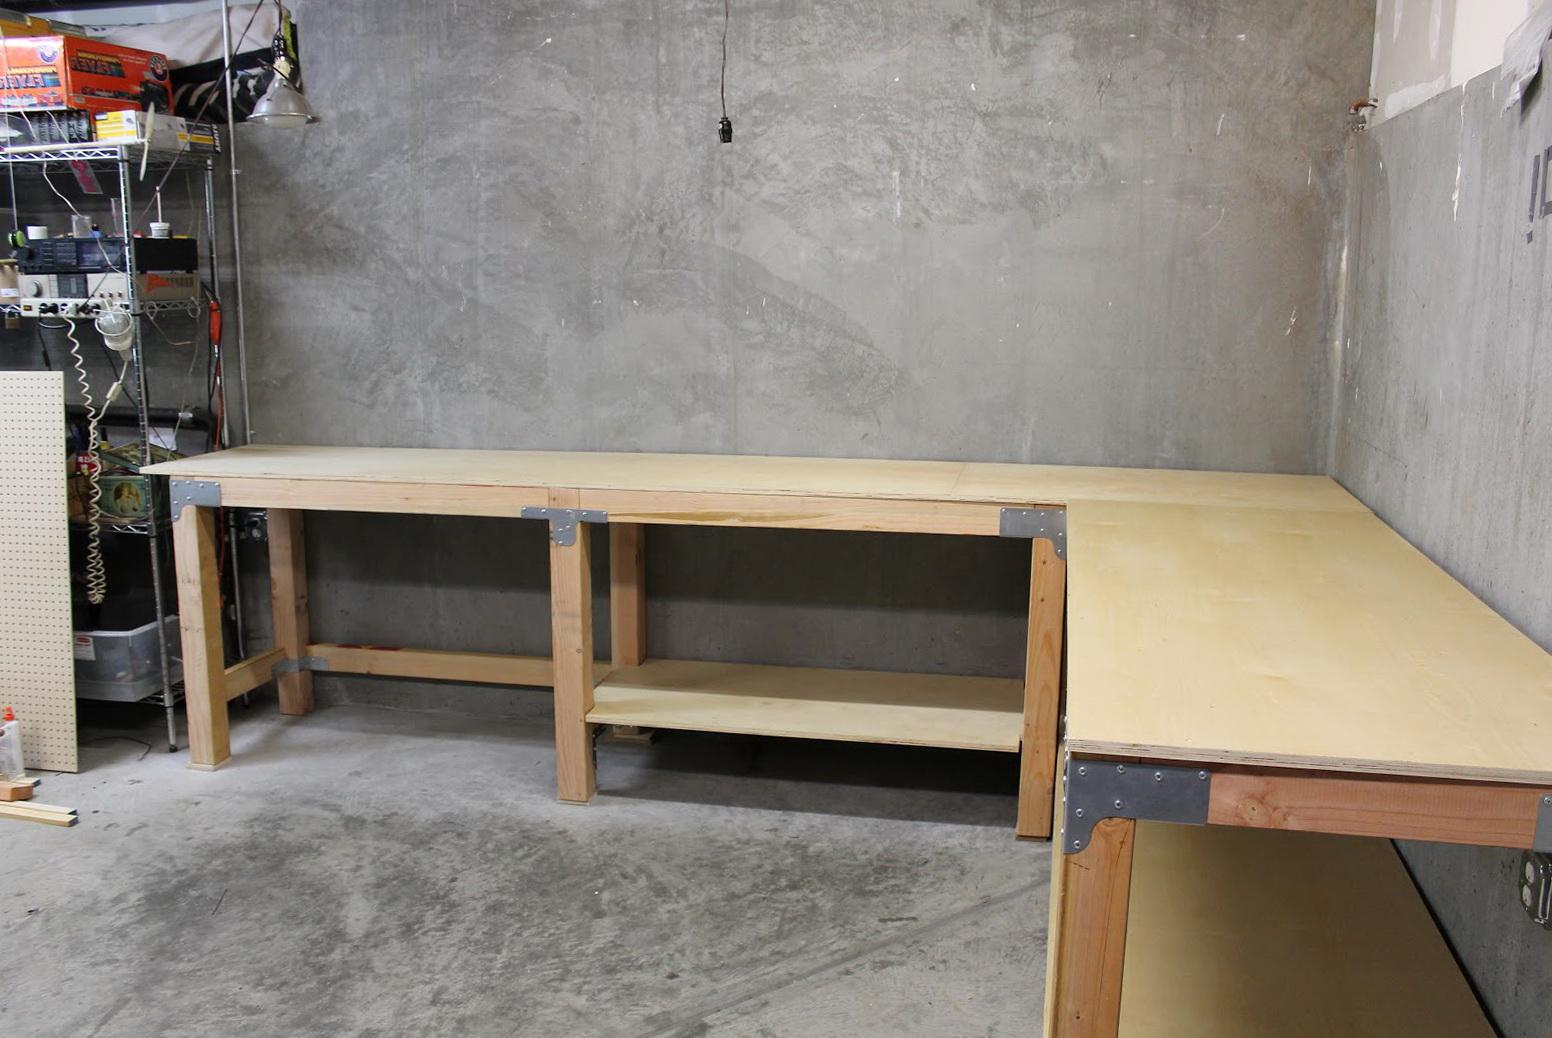 Garage Work Bench Plans